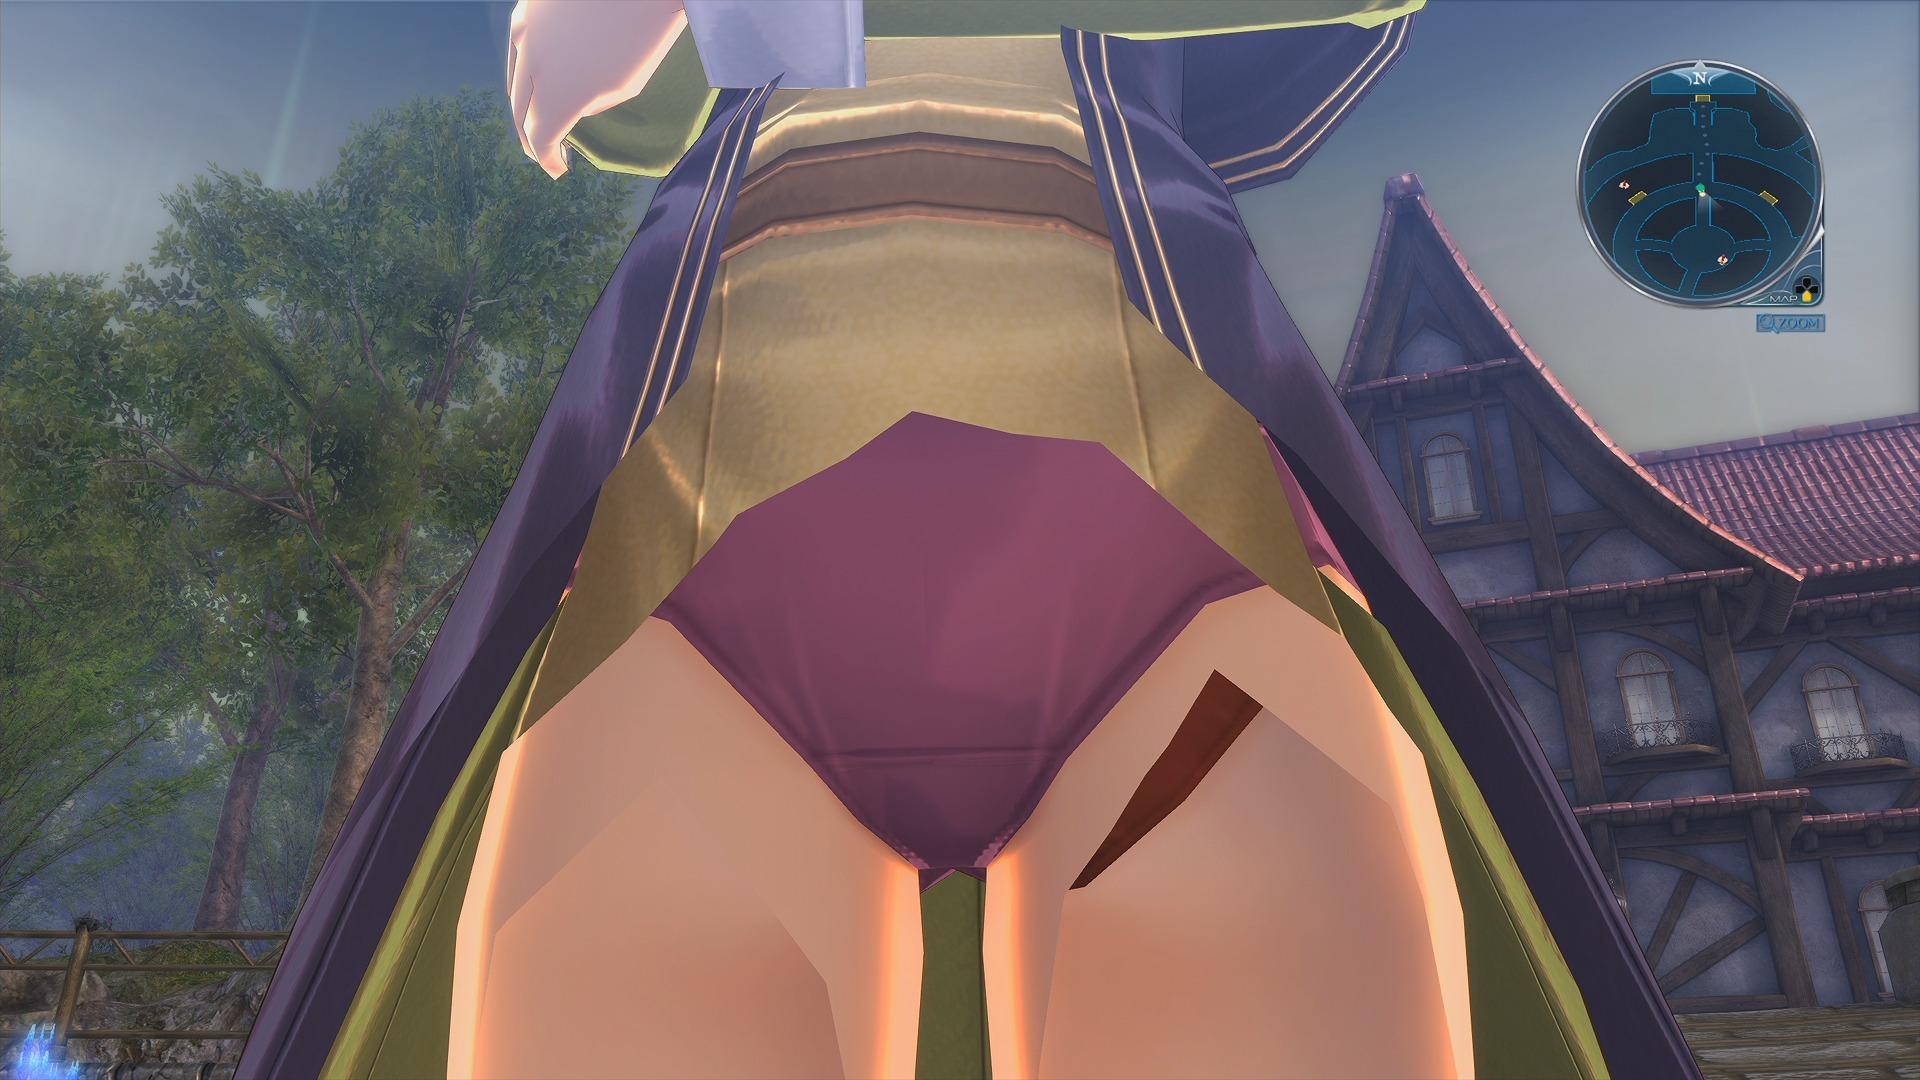 ニーナのパンツ画像